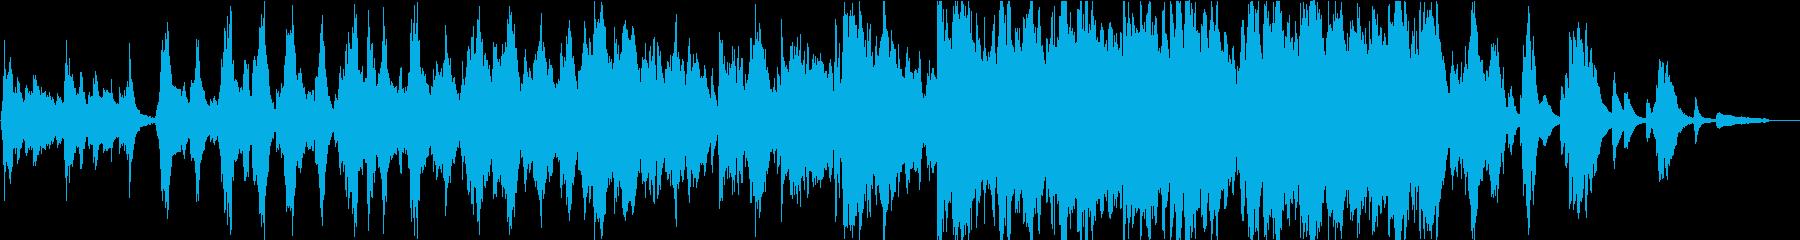 【生演奏】優しく壮大なバイオリン曲の再生済みの波形